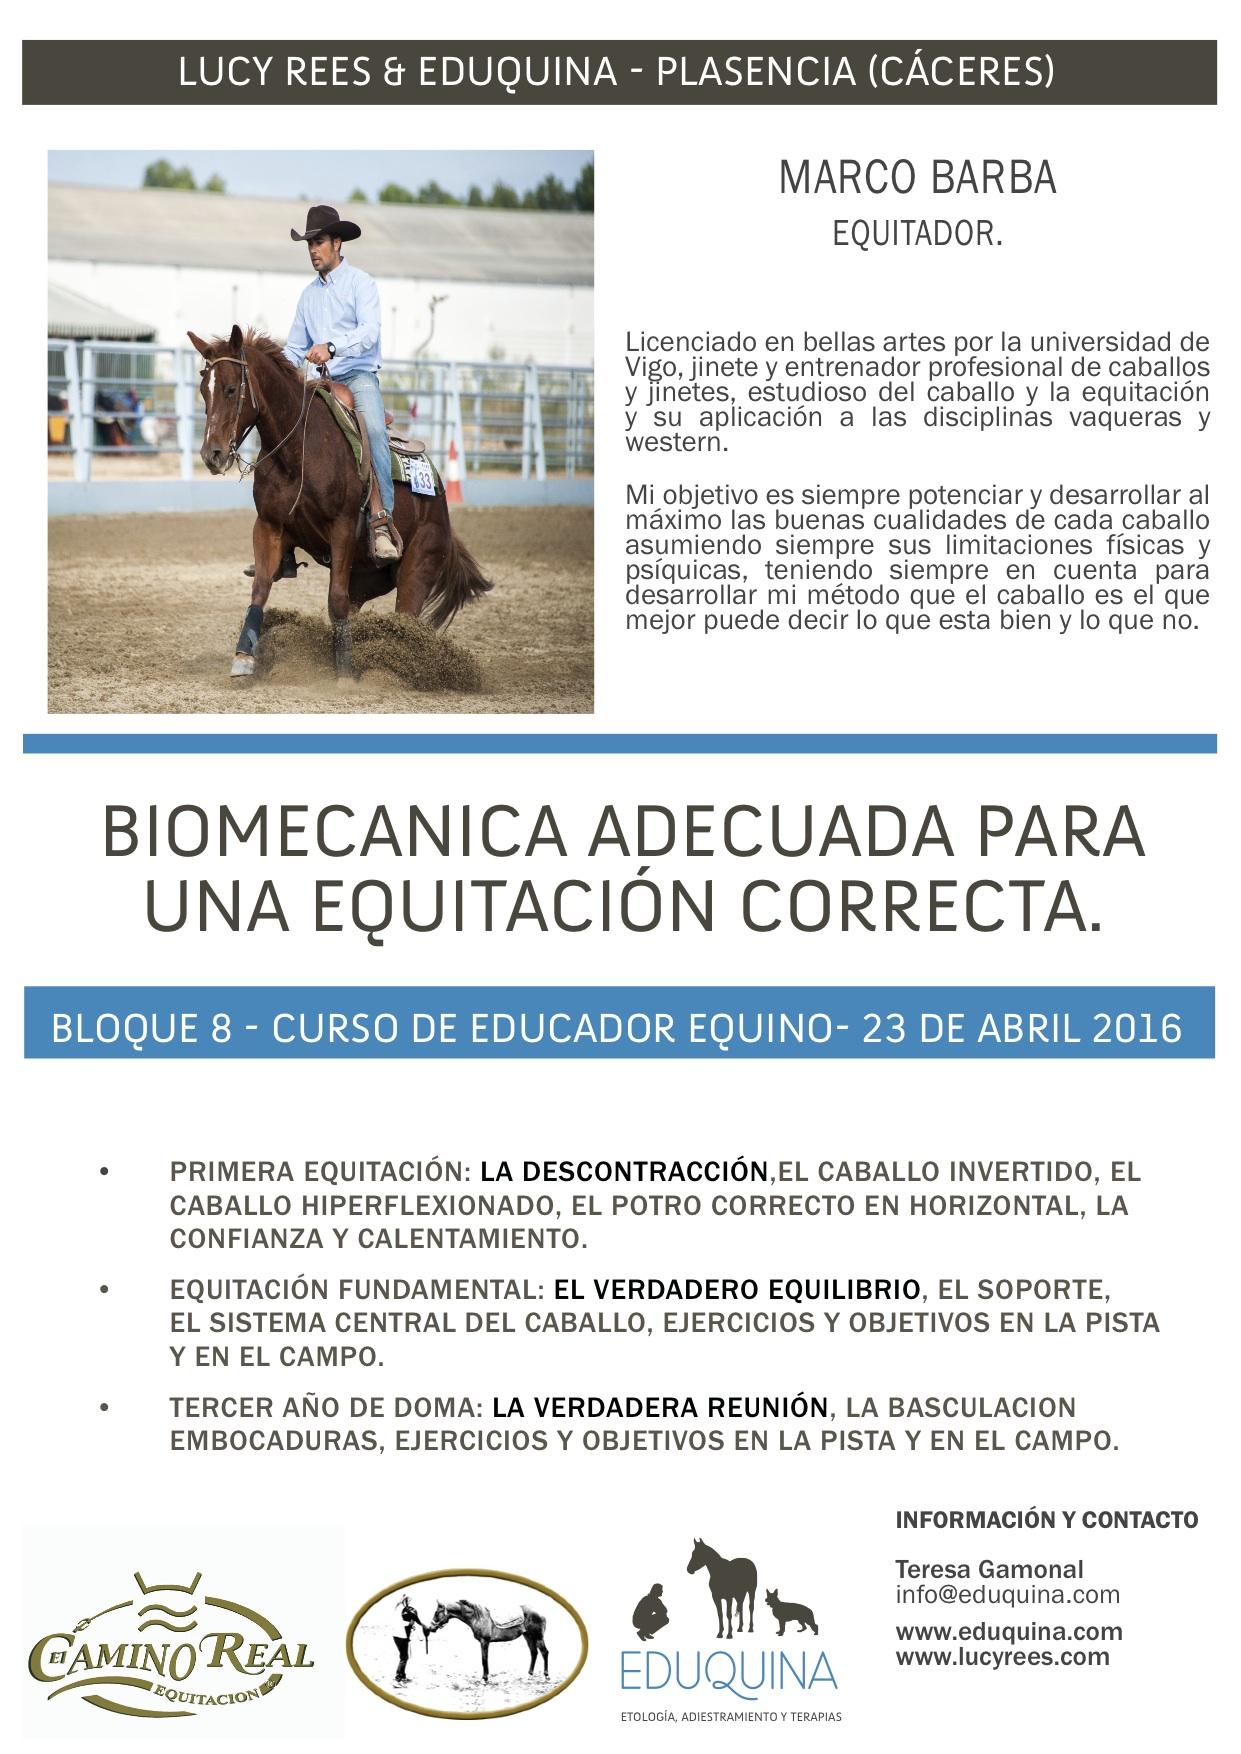 FUNDAMENTOS DE LA EQUITACIÓN Y BIOMECANICA. Jose Manuel Sales Pons «el cura» y Marco Barba